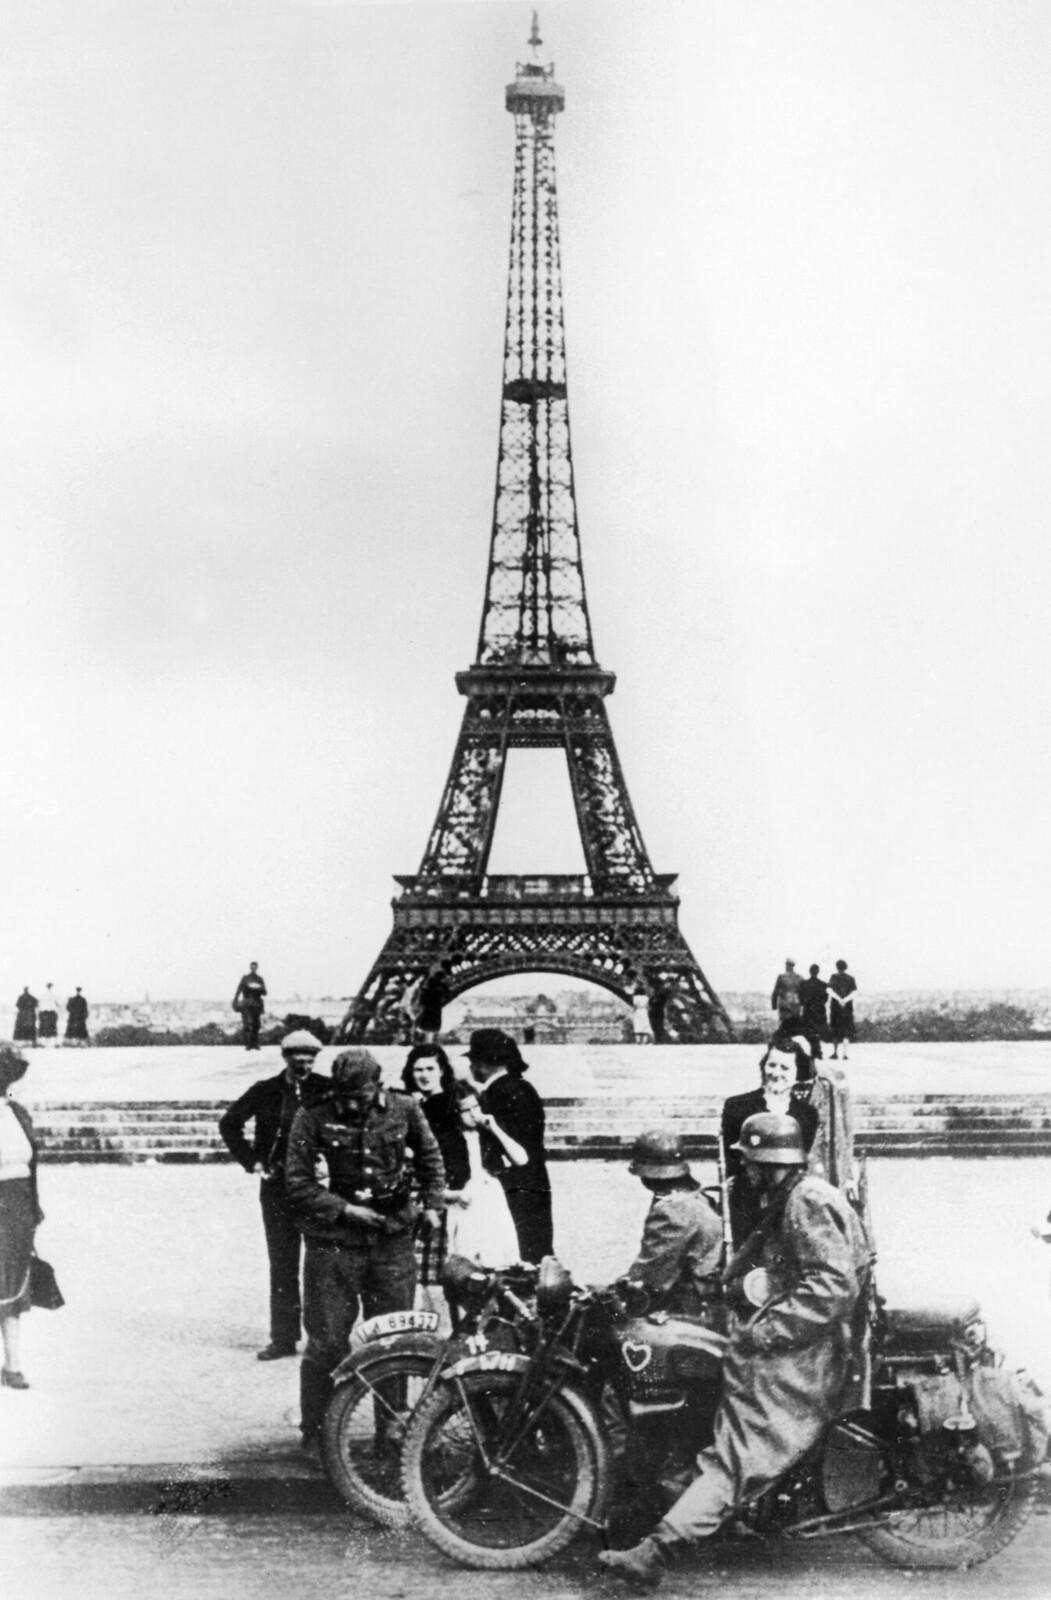 07. Немецкие солдаты перед Эйфелевой башней